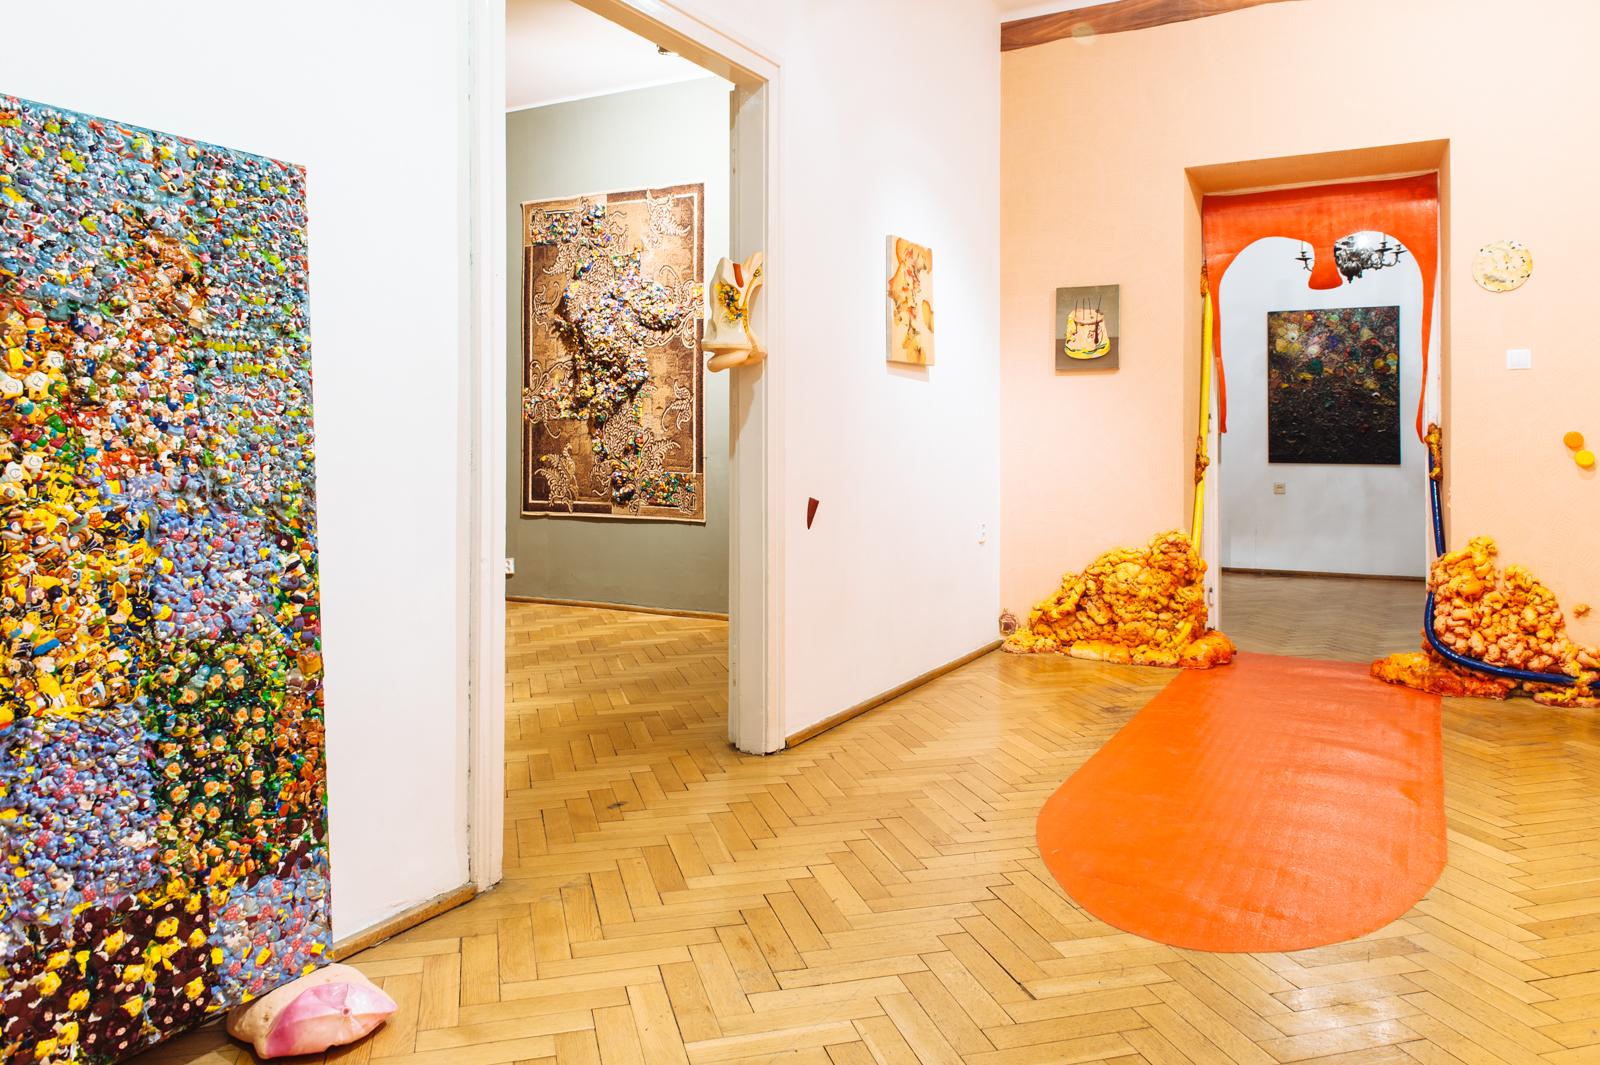 Marta Antoniak, Baccilus, widok wystawy, fot.Grzegorz Karkoszka